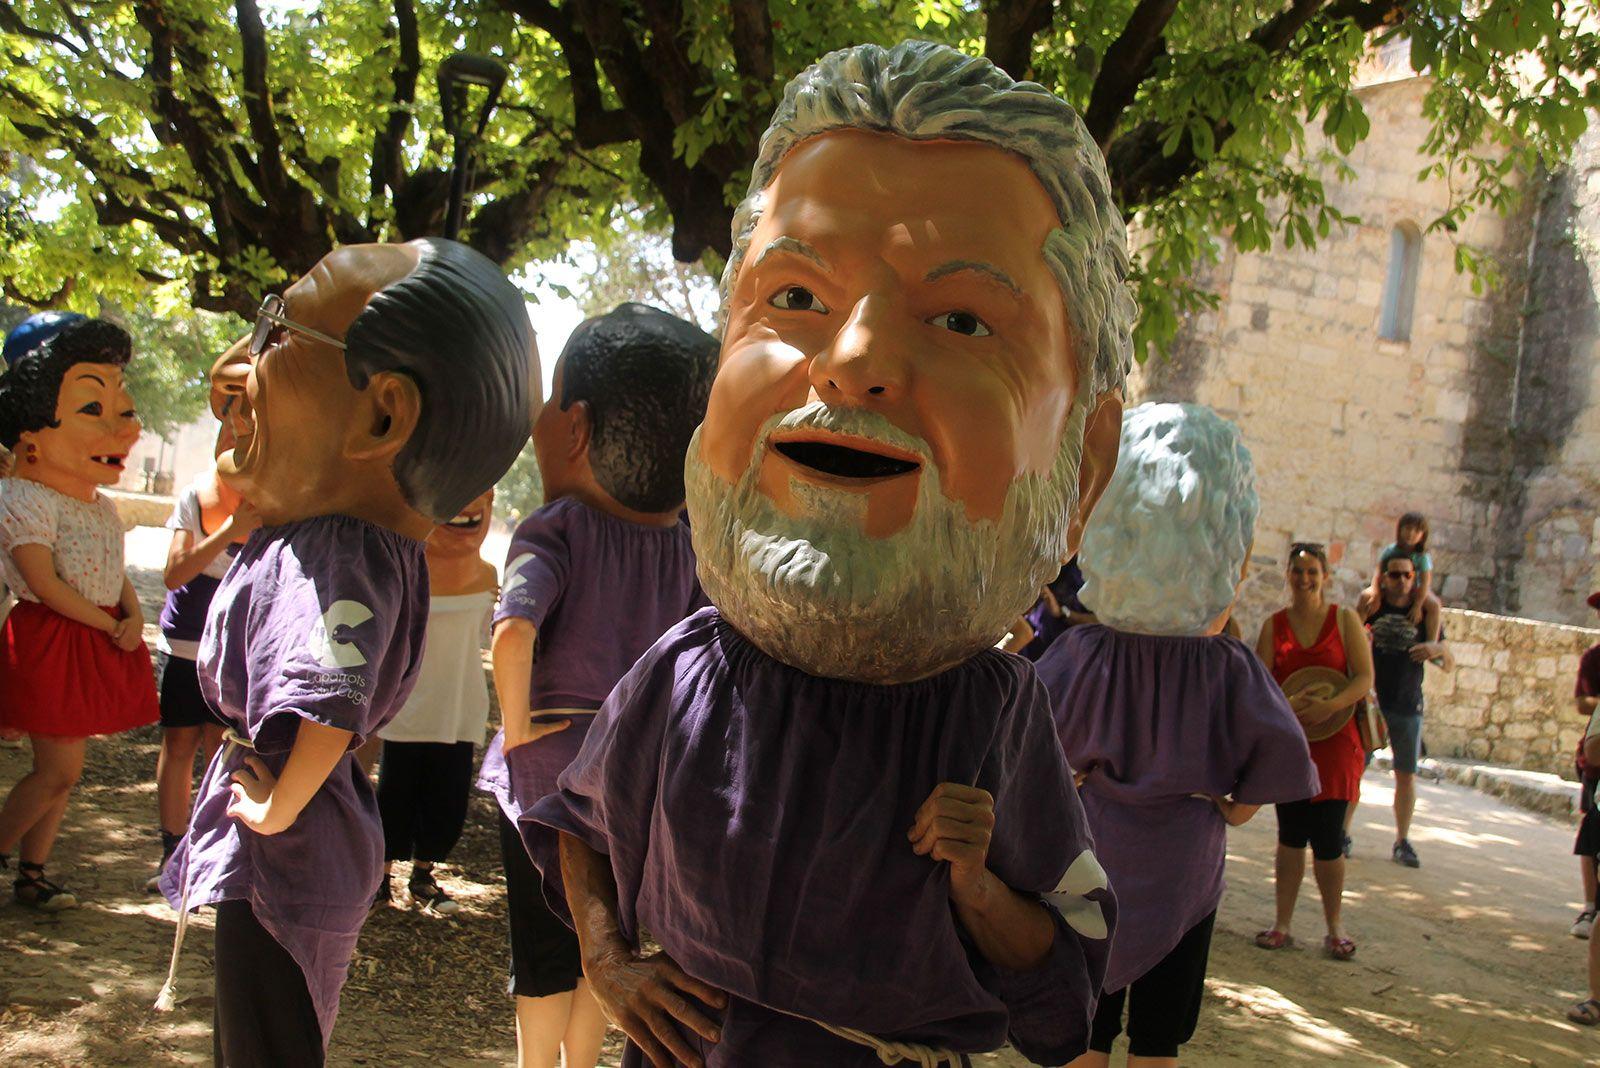 Ball de Caparrots i Capgrossos per Festa Major 2019. FOTO: Paula Galván